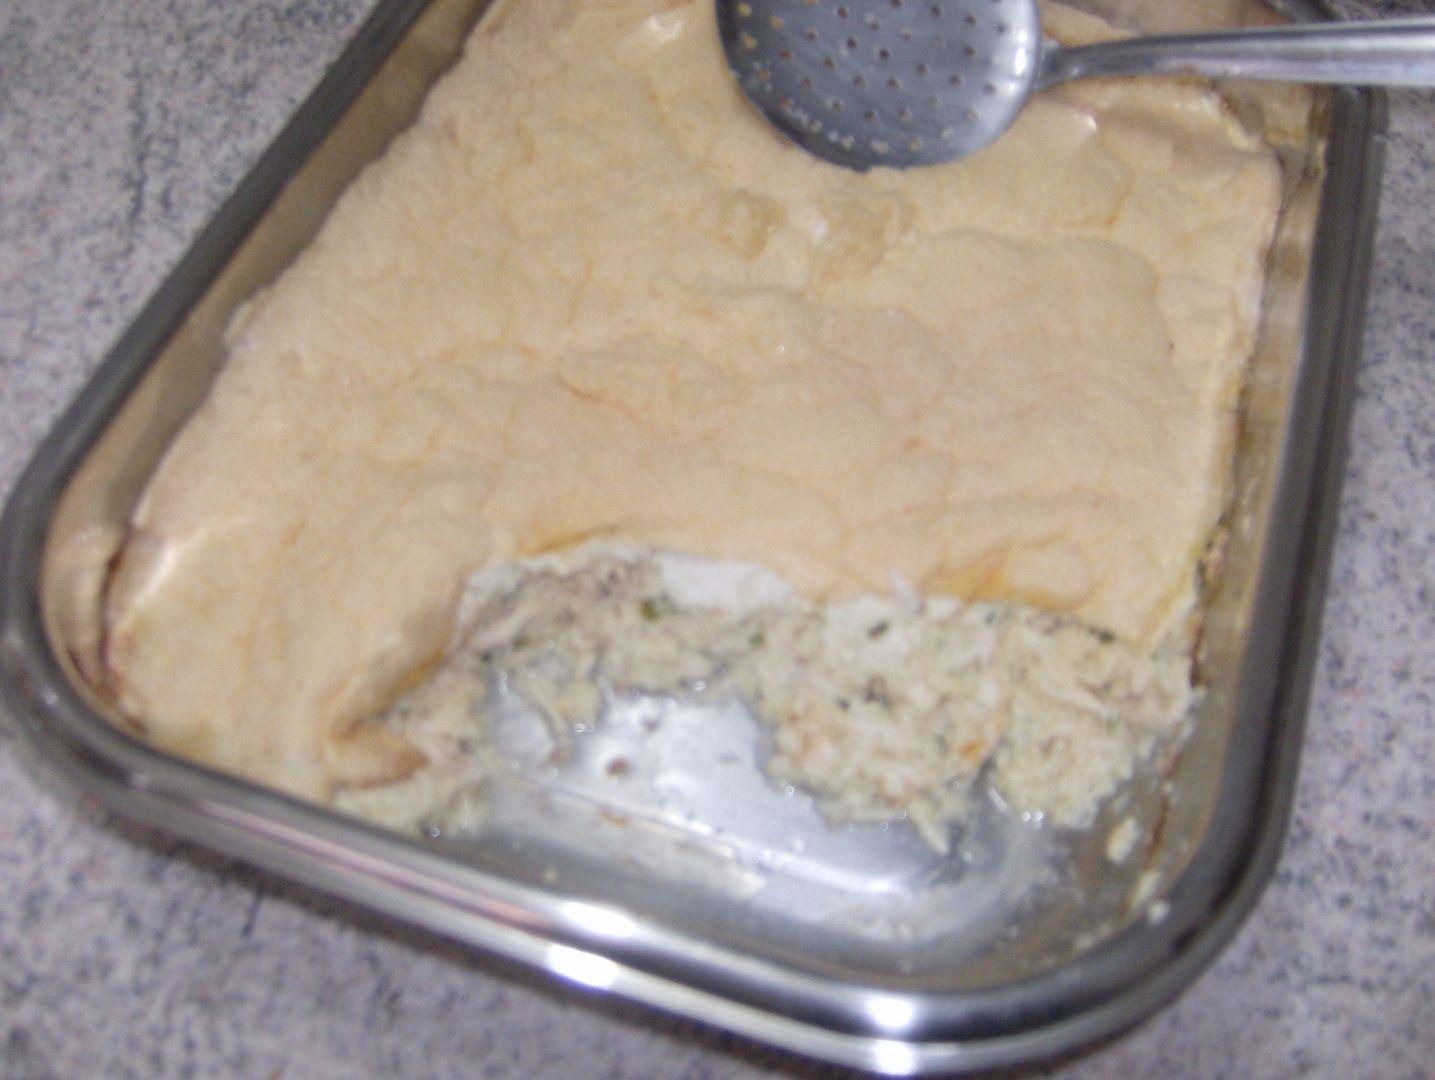 4 colheres de sopa de manteiga  - 4 colheres de sopa de farinha de trigo  - 1 cebola grande ralada  - 6 gemas  - 6 claras em neve  - 1 Kg de peito de frango cozido em tempero a gosto  - 4 xícaras de chá de caldo de galinha  - 3 xícaras de chá de leite quente  -